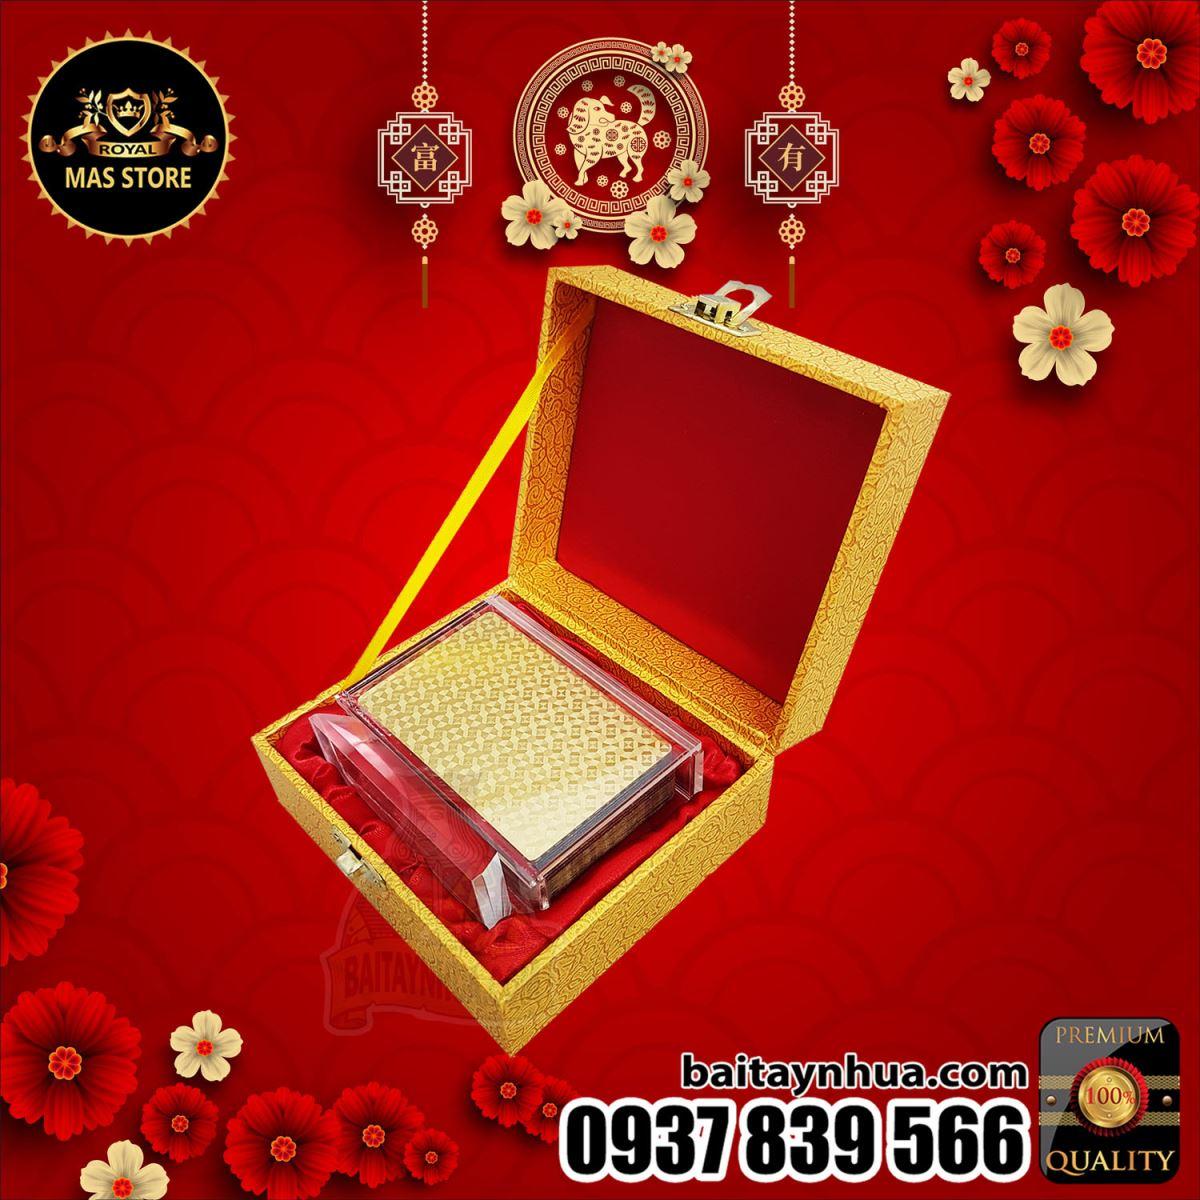 Bài Tây Mạ Vàng Cao Cấp - GOLD BOX